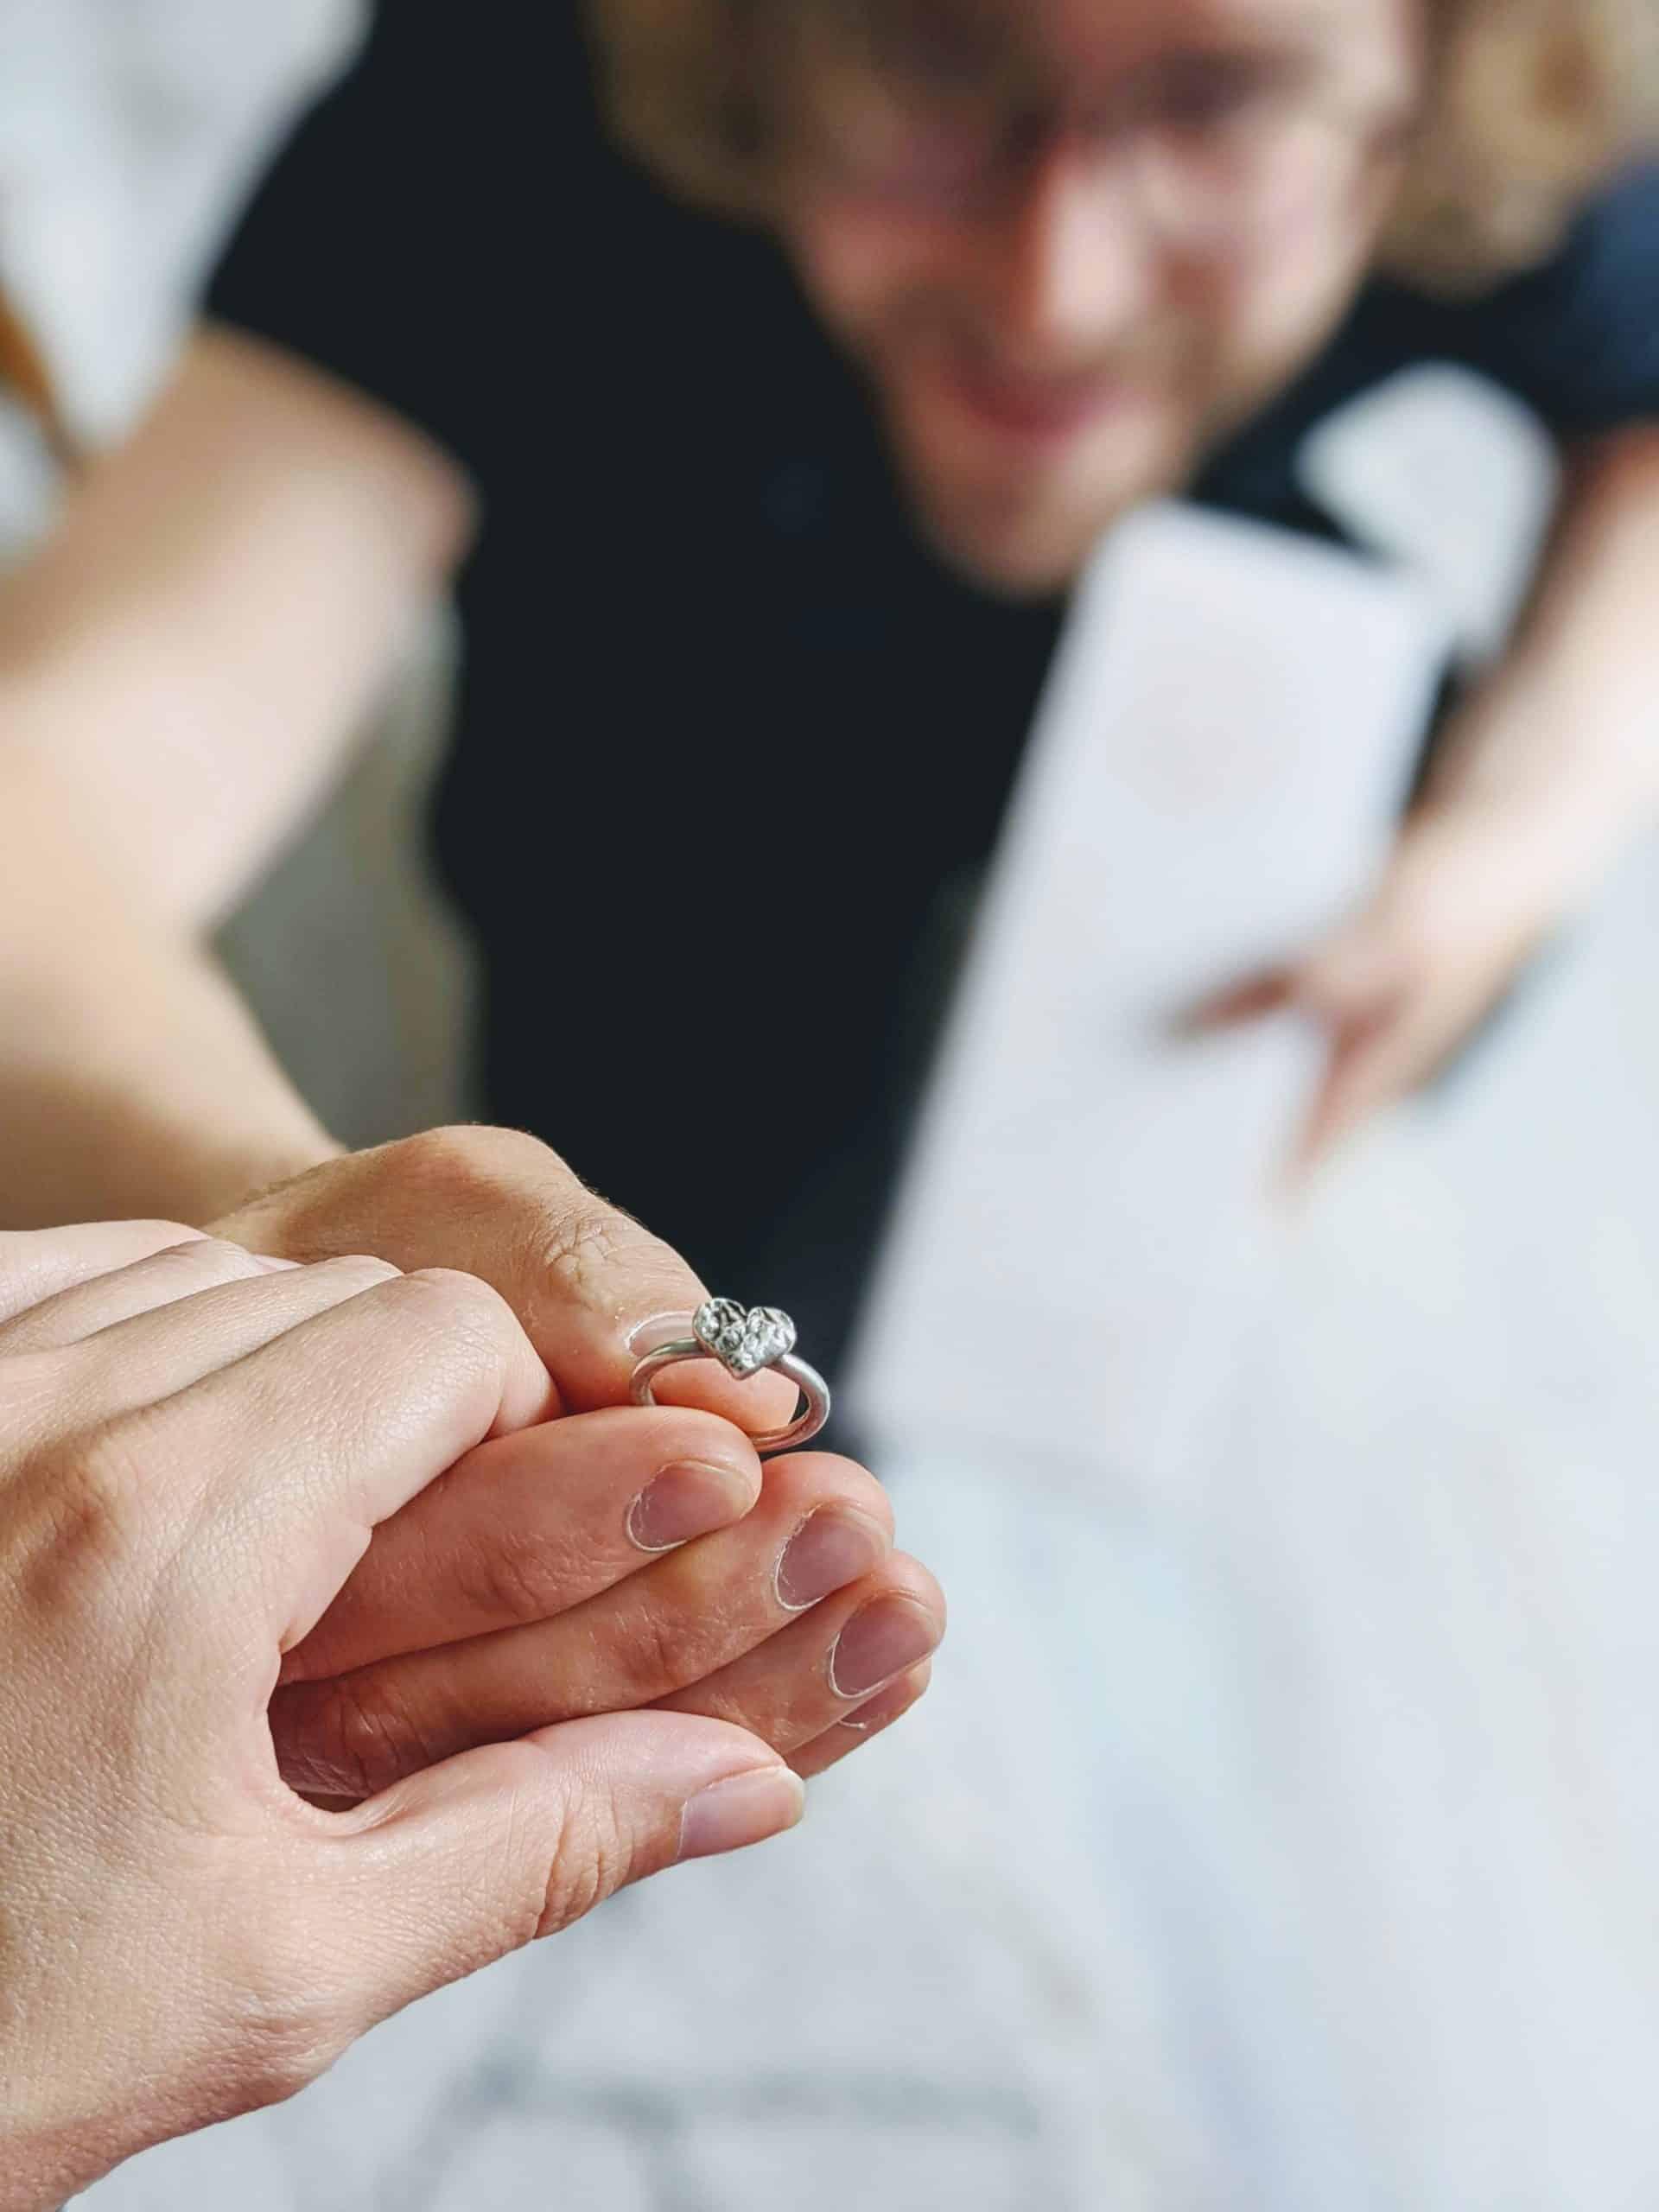 flitterkiste-heiratsantrag